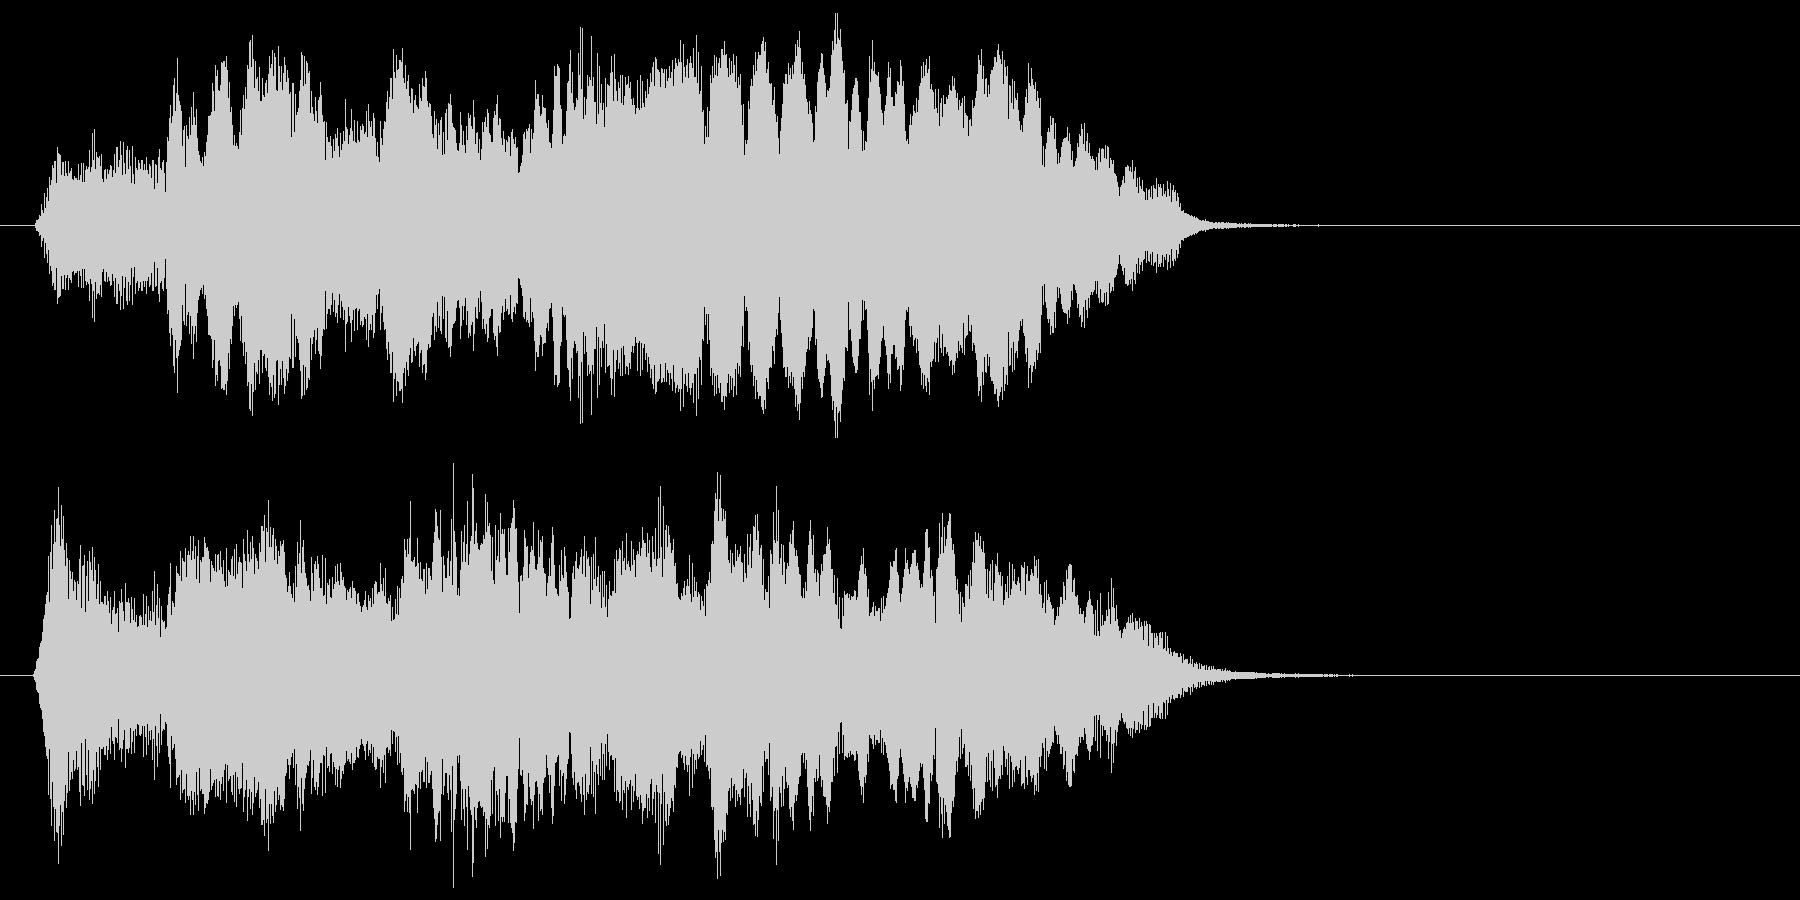 フルートとストリングスのジングルの未再生の波形